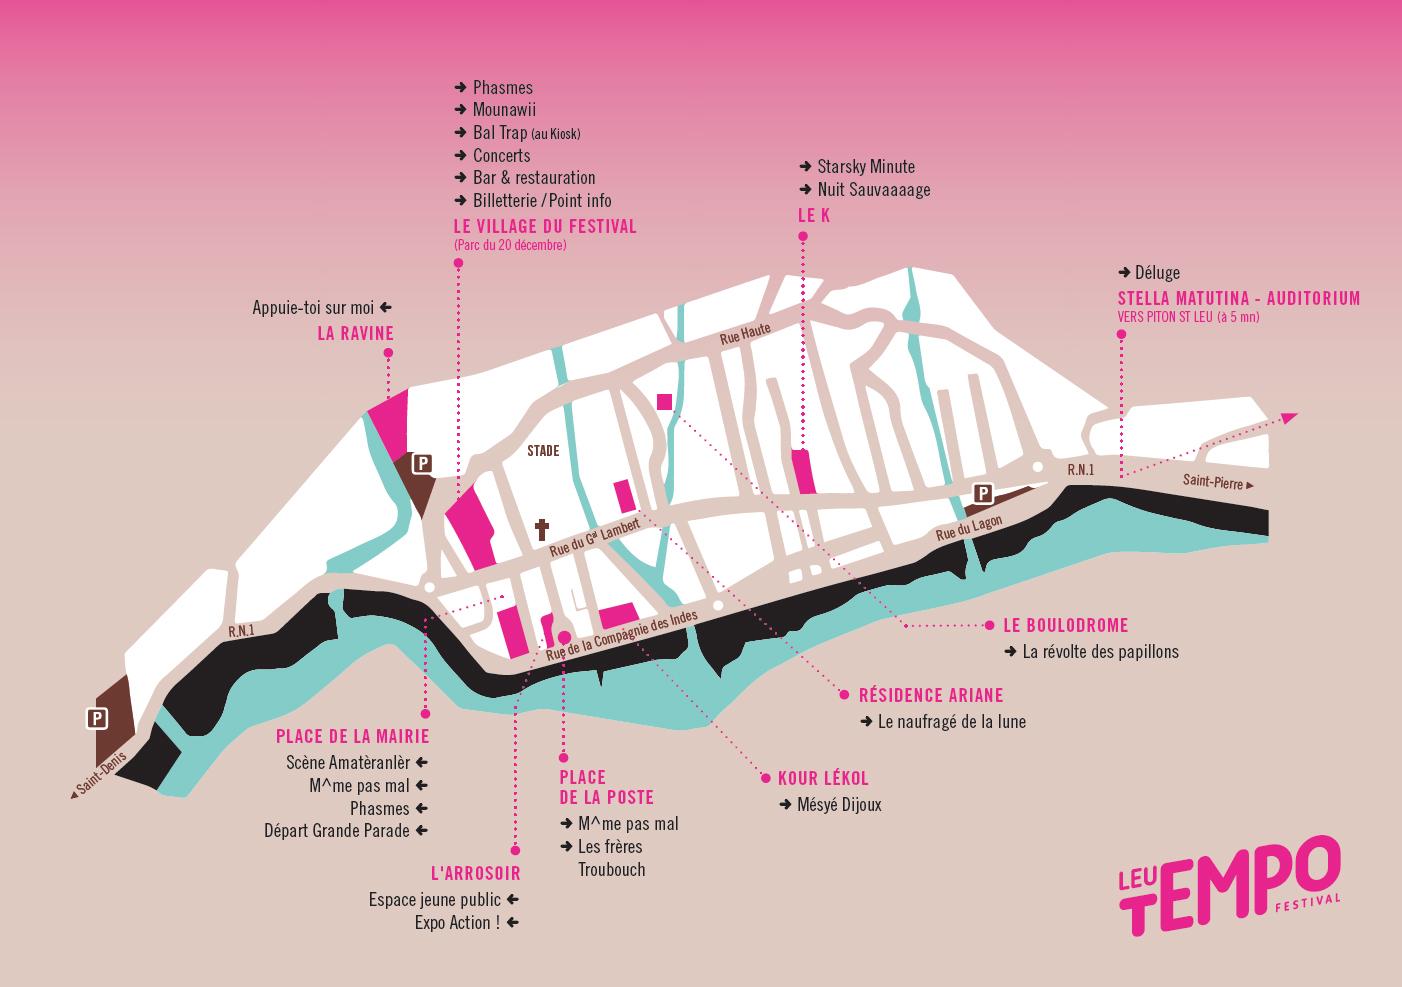 Plan Général Leu Tempo Festival 2019